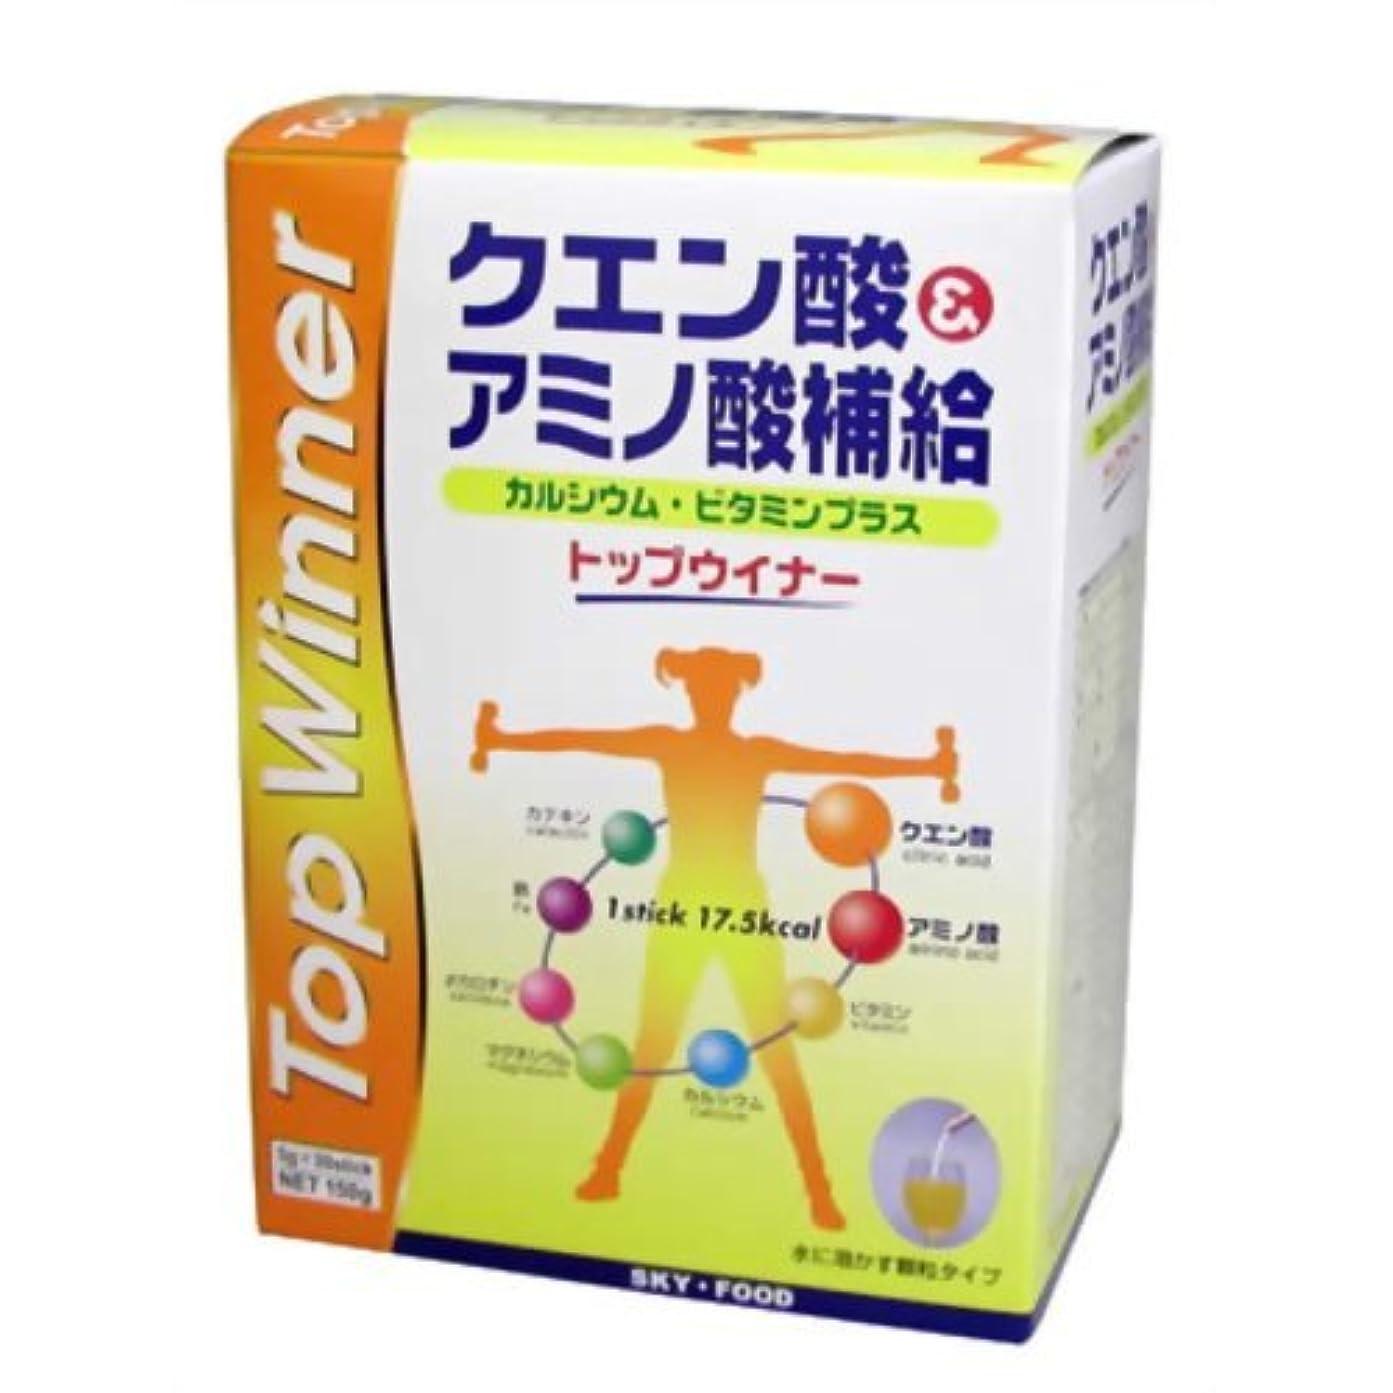 政策本部ヘビクエン酸&アミノ酸補給 トップウィナー 5g×30袋